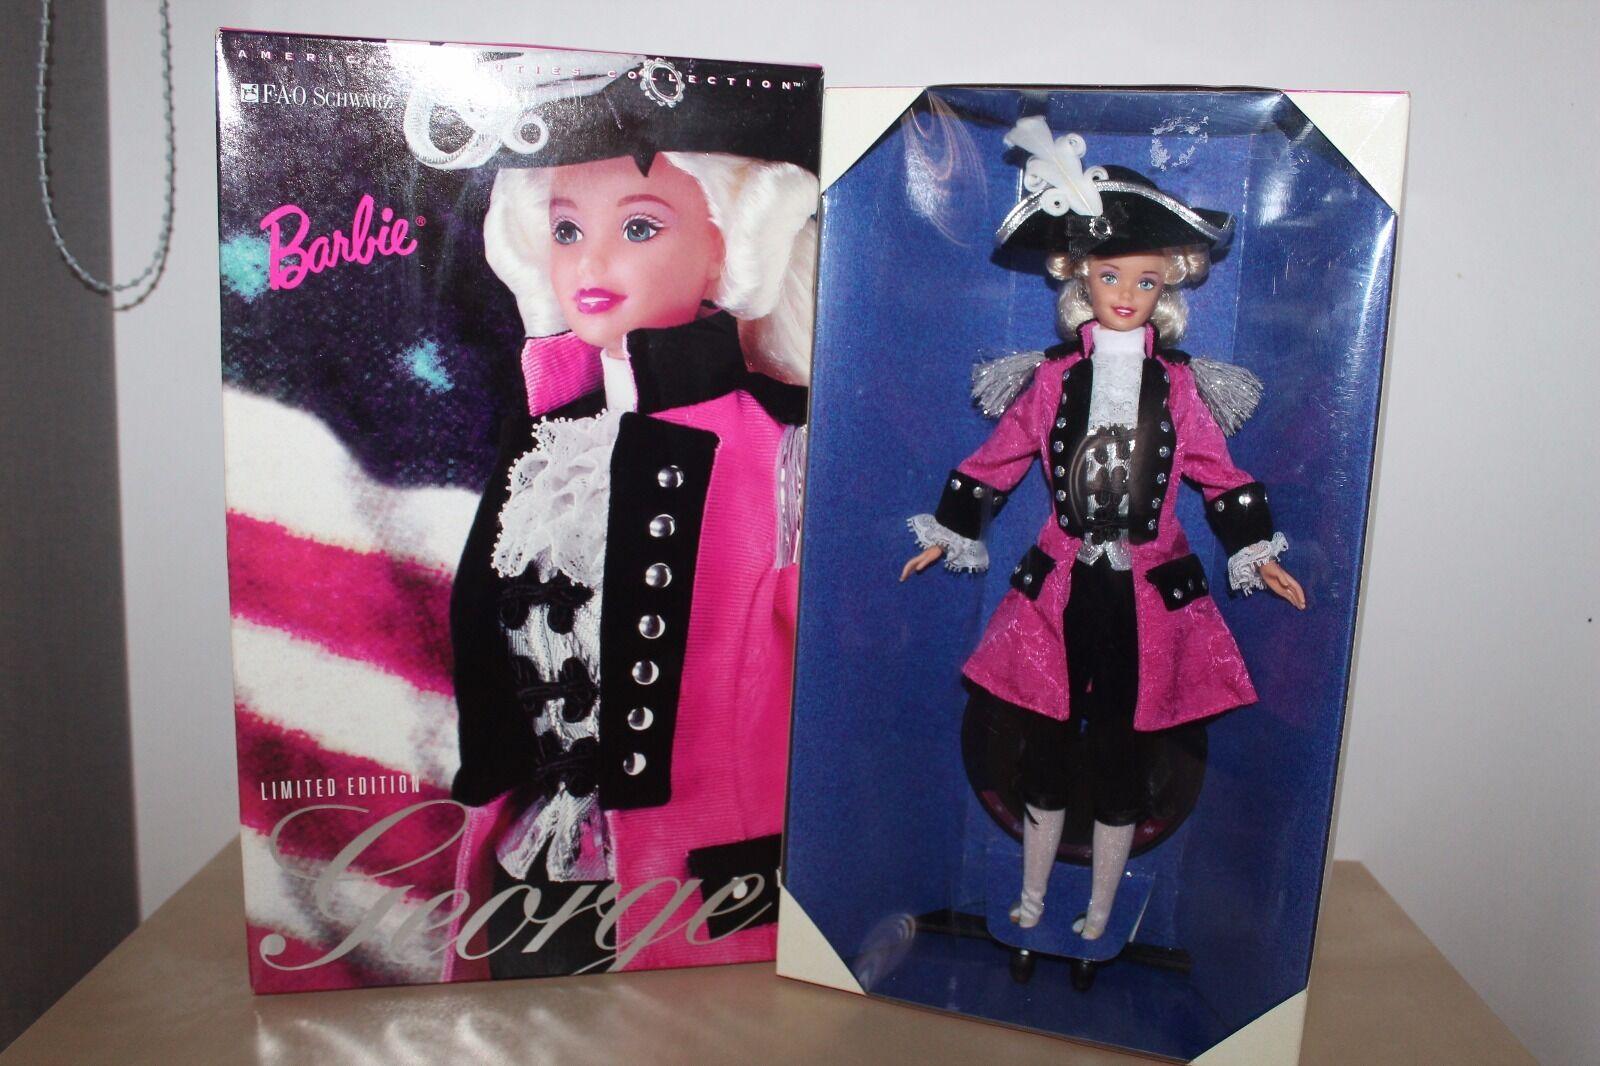 Barbie George Washington F.A.O Schwarz Limited Edition  Mattel 1996 NRFB